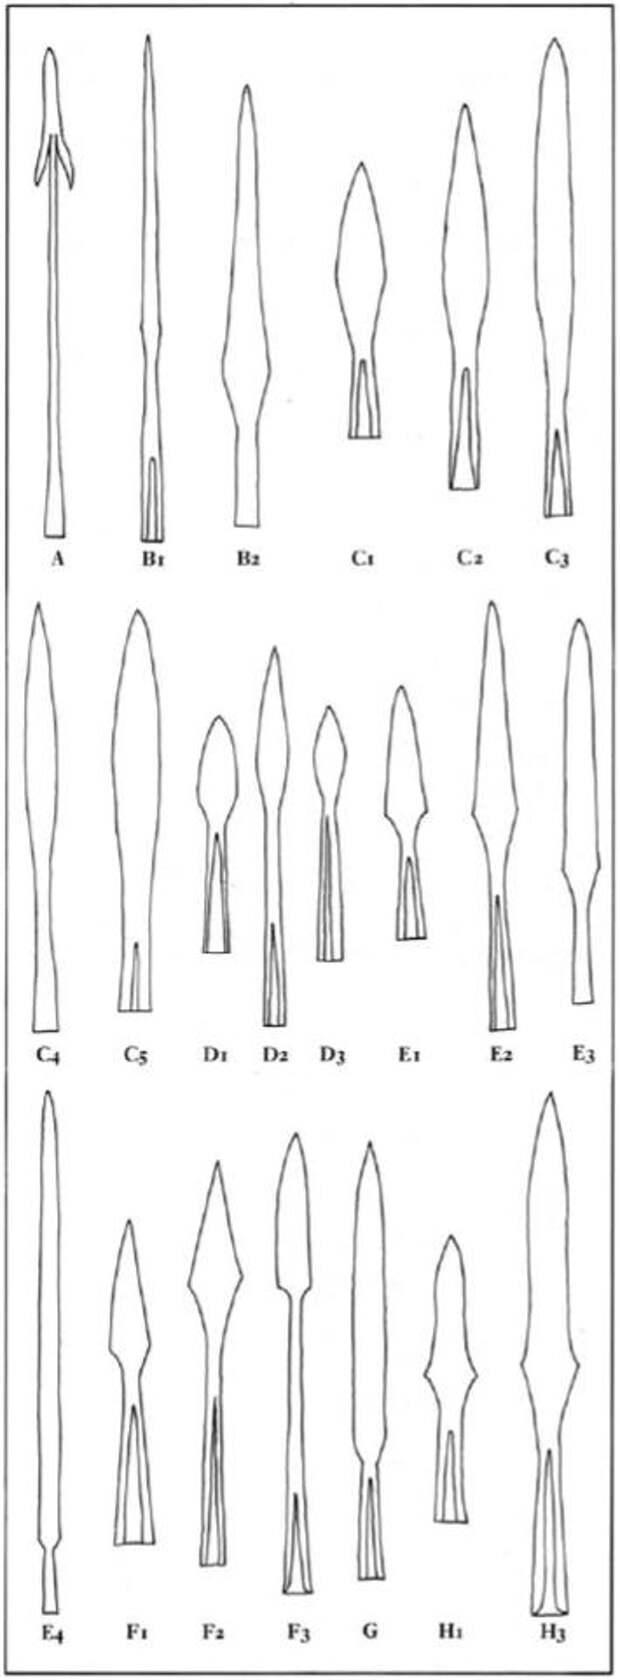 Типология наконечников копий раннего англосаксонского периода по Свантону.